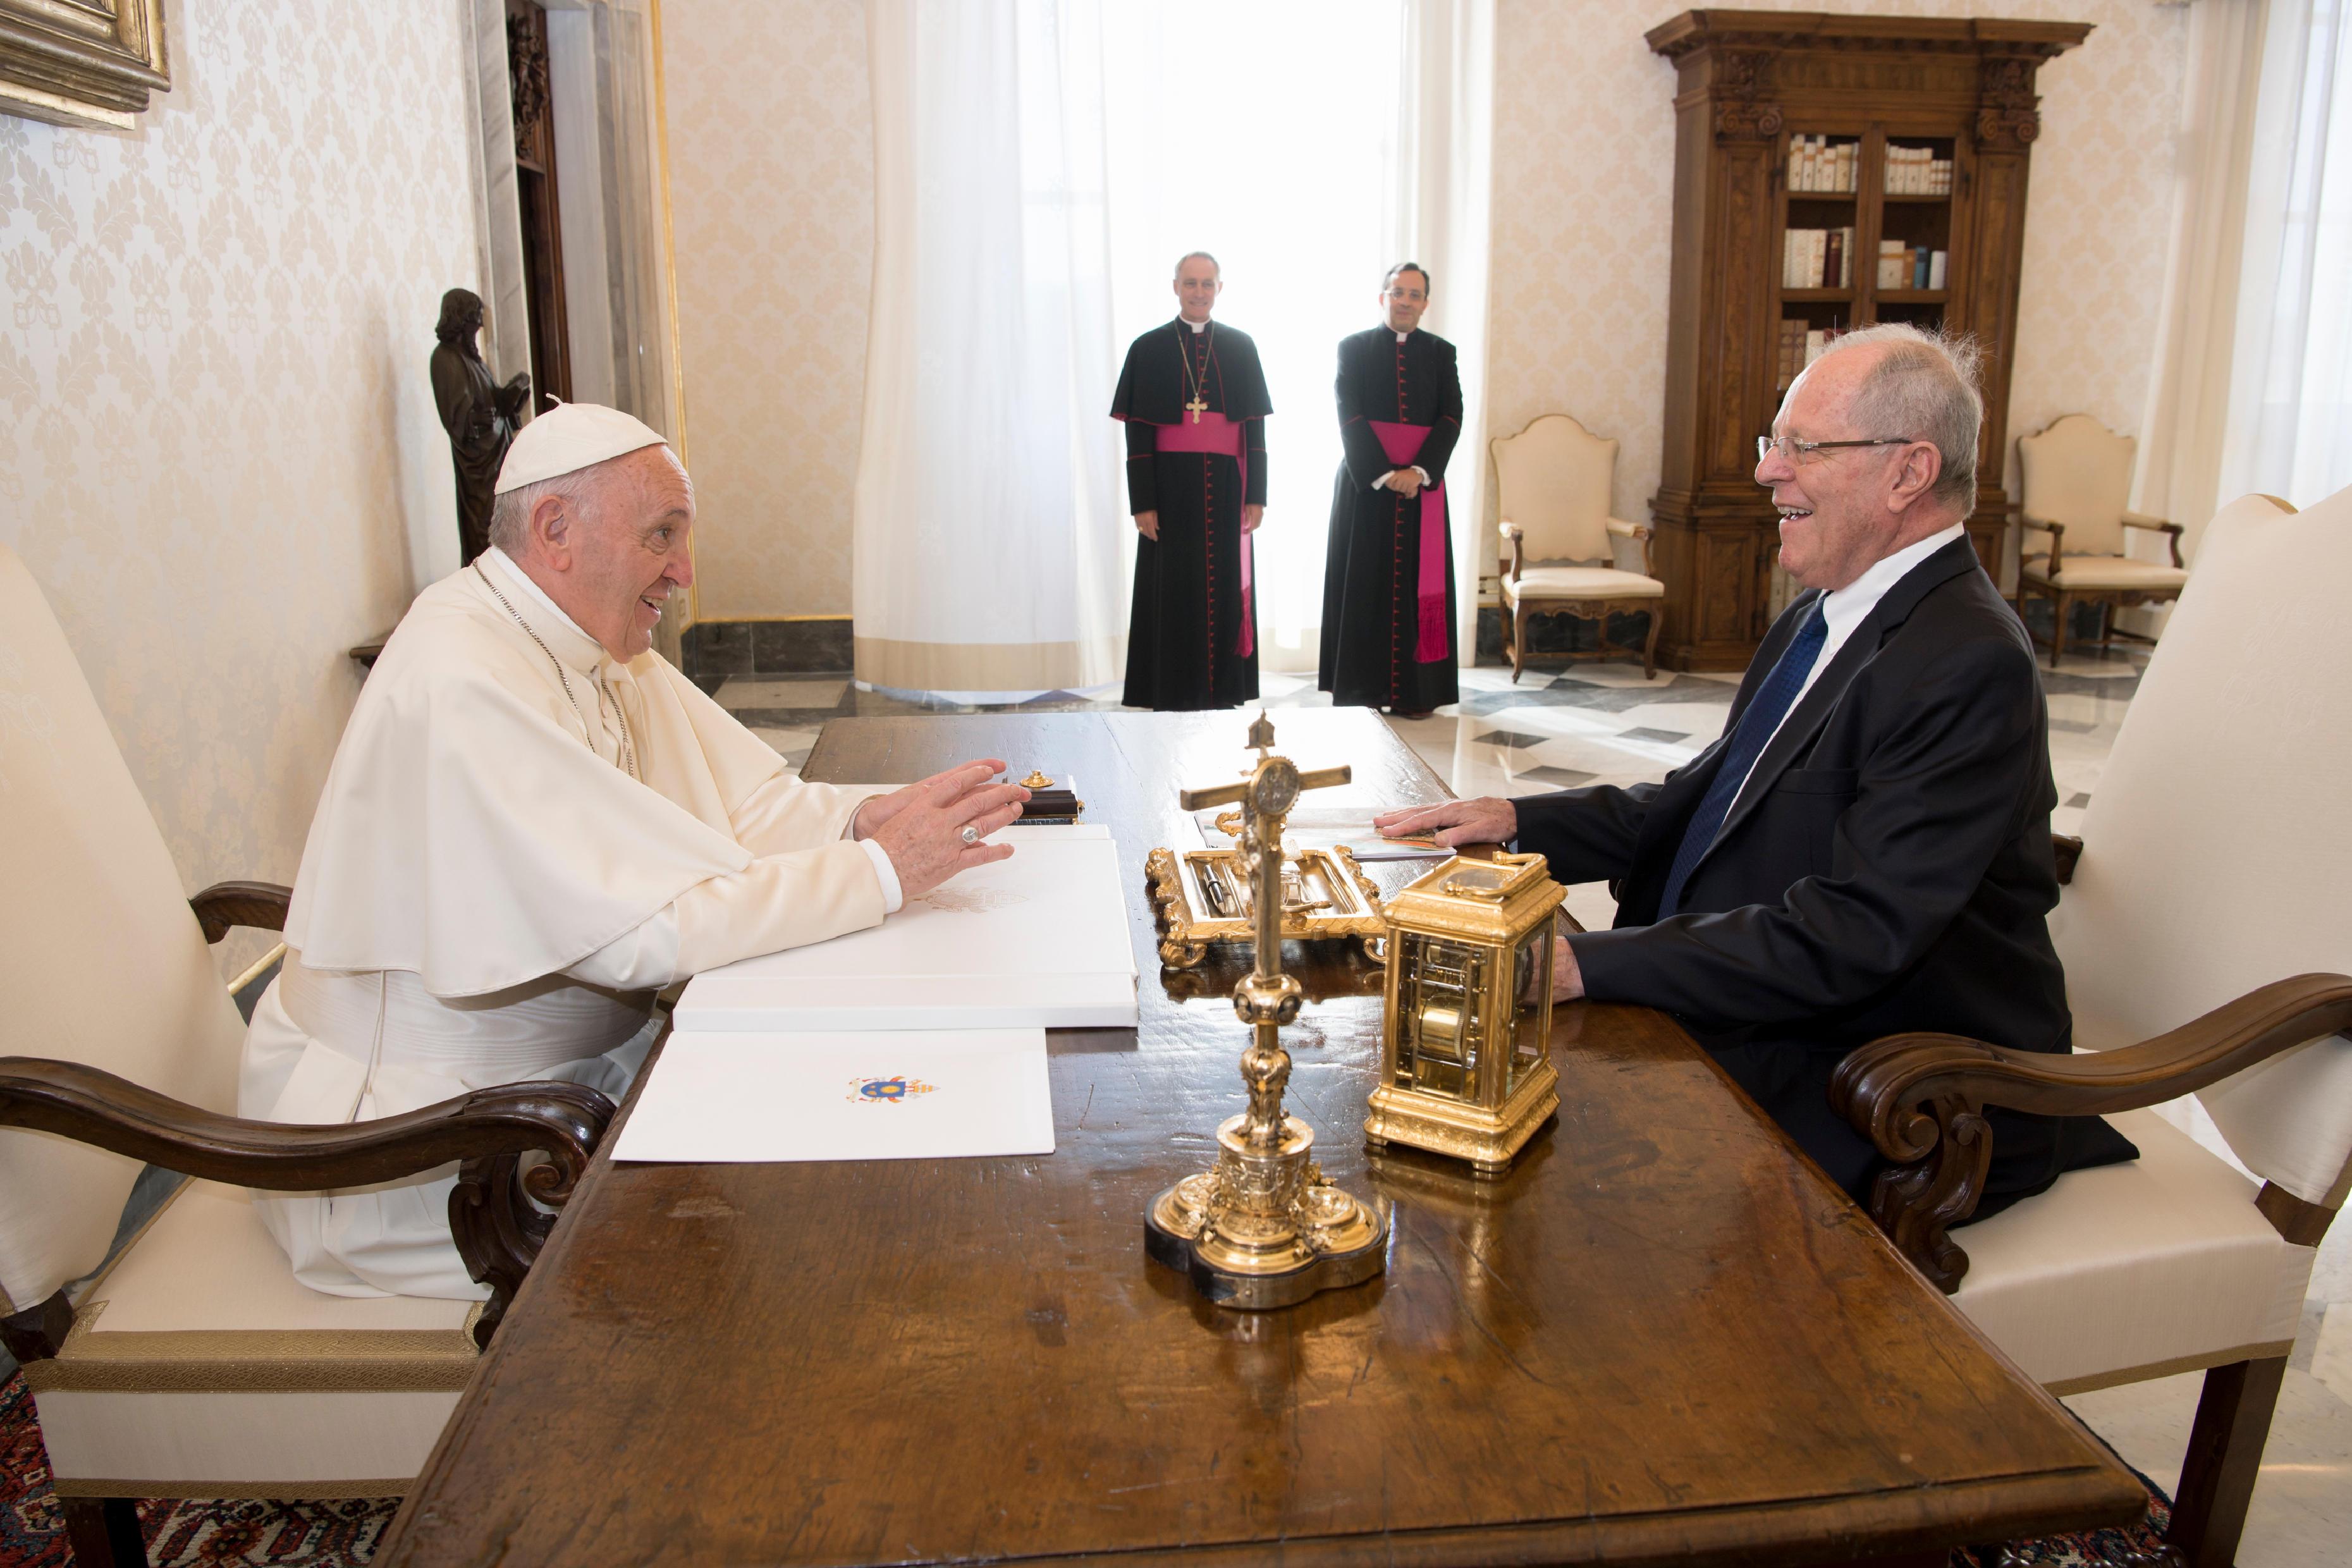 Président du Pérou Pedro Pablo Kuczynski Godard, 22 sept. 2017 © L'Osservatore Romano